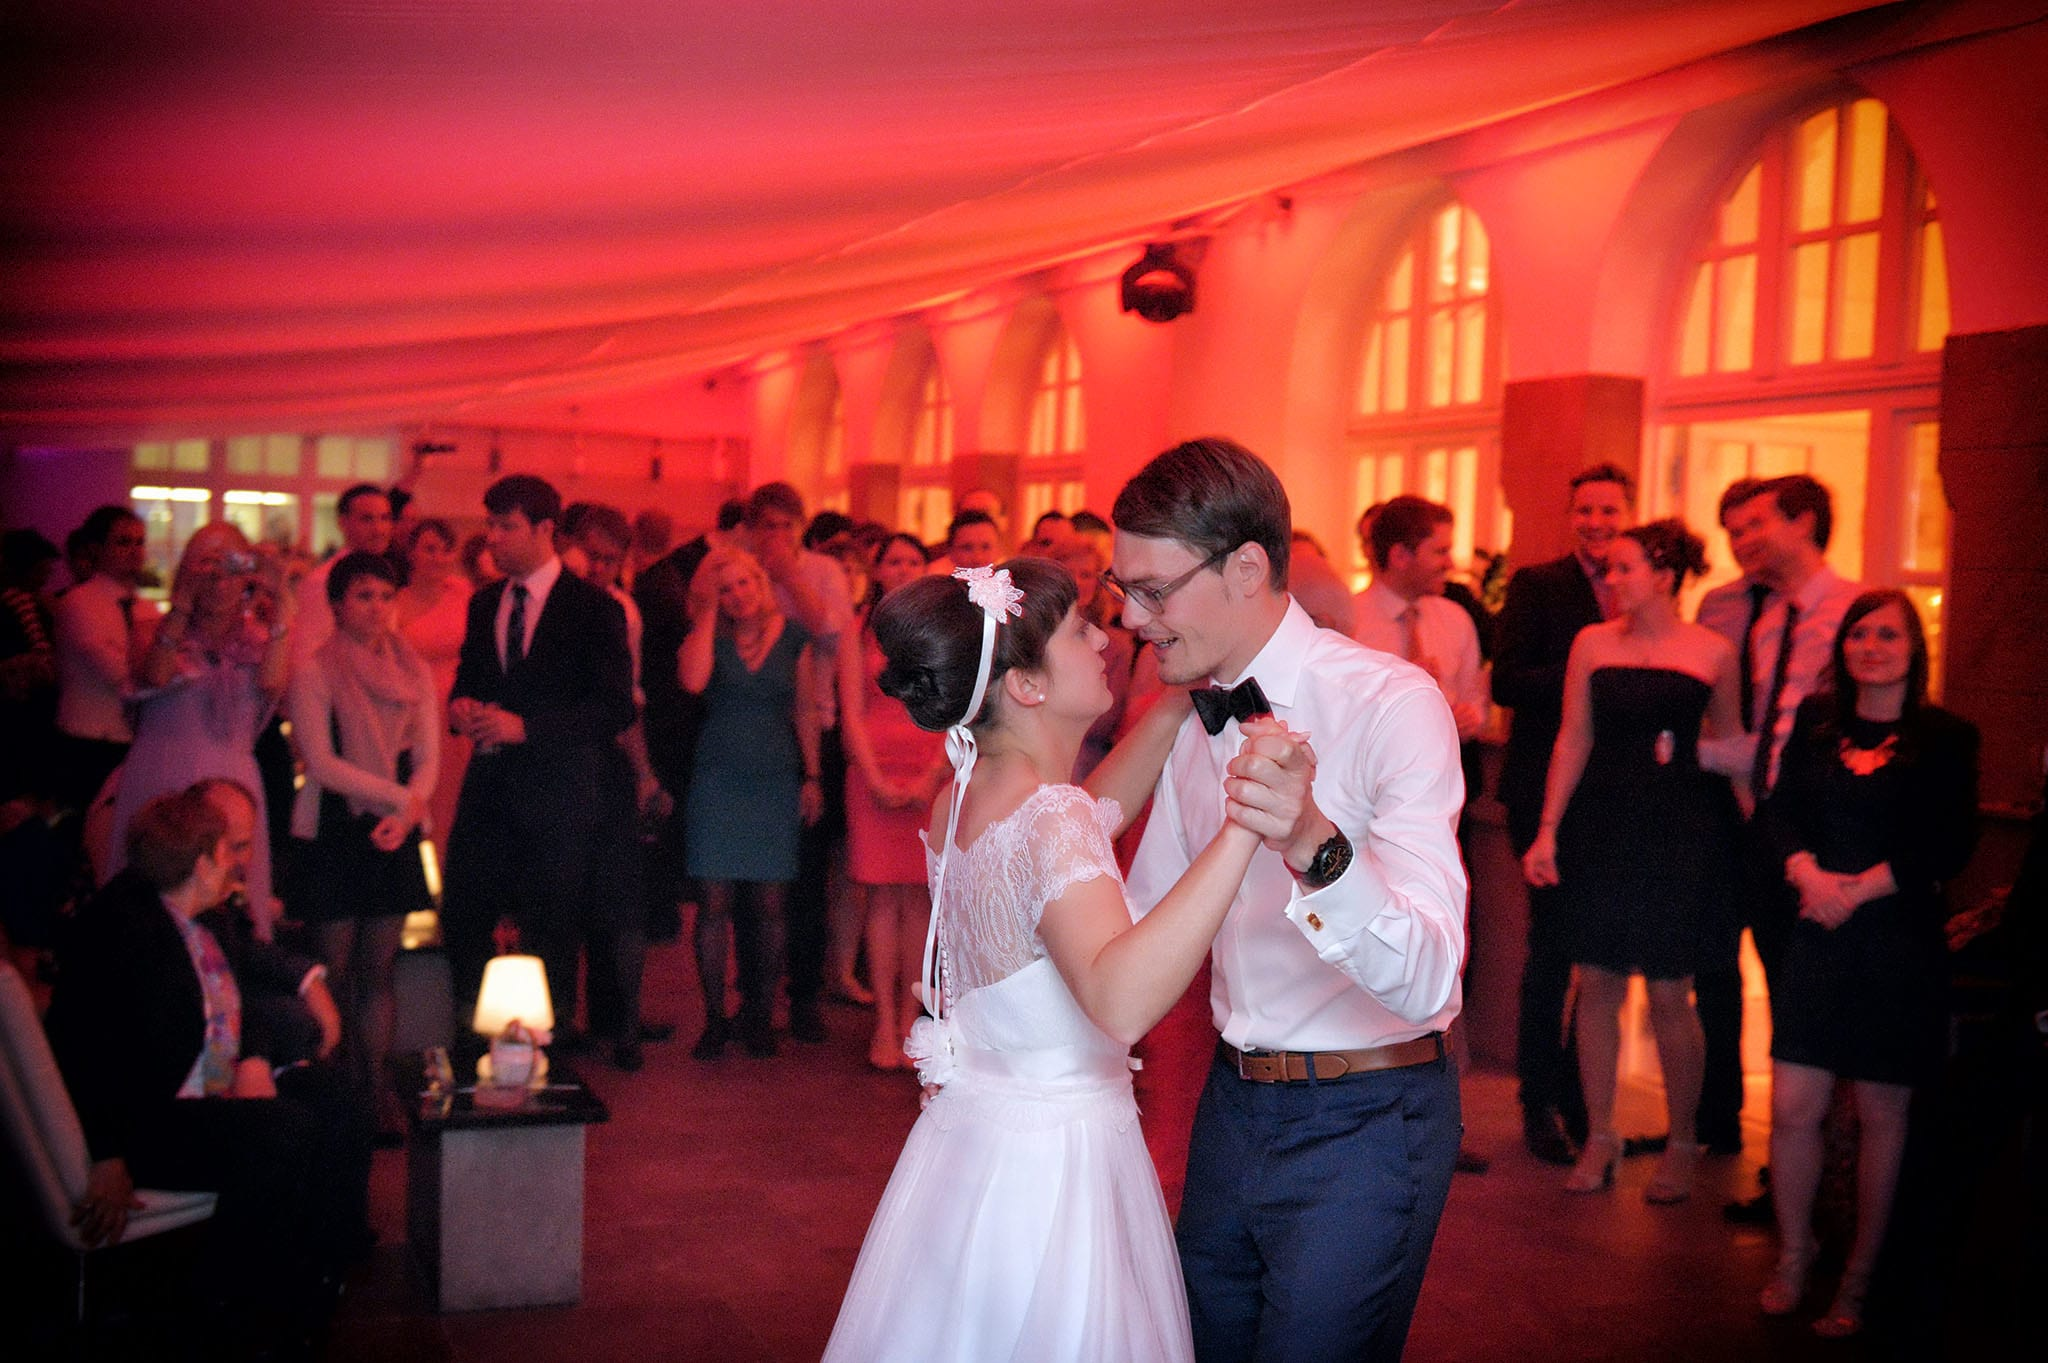 Hochzeit 051 Brautpaar Braut Bräutigam Hochzeit heiraten Hochzeitstanz Hochzeitsfotografie Daniel Fuss Fotografie